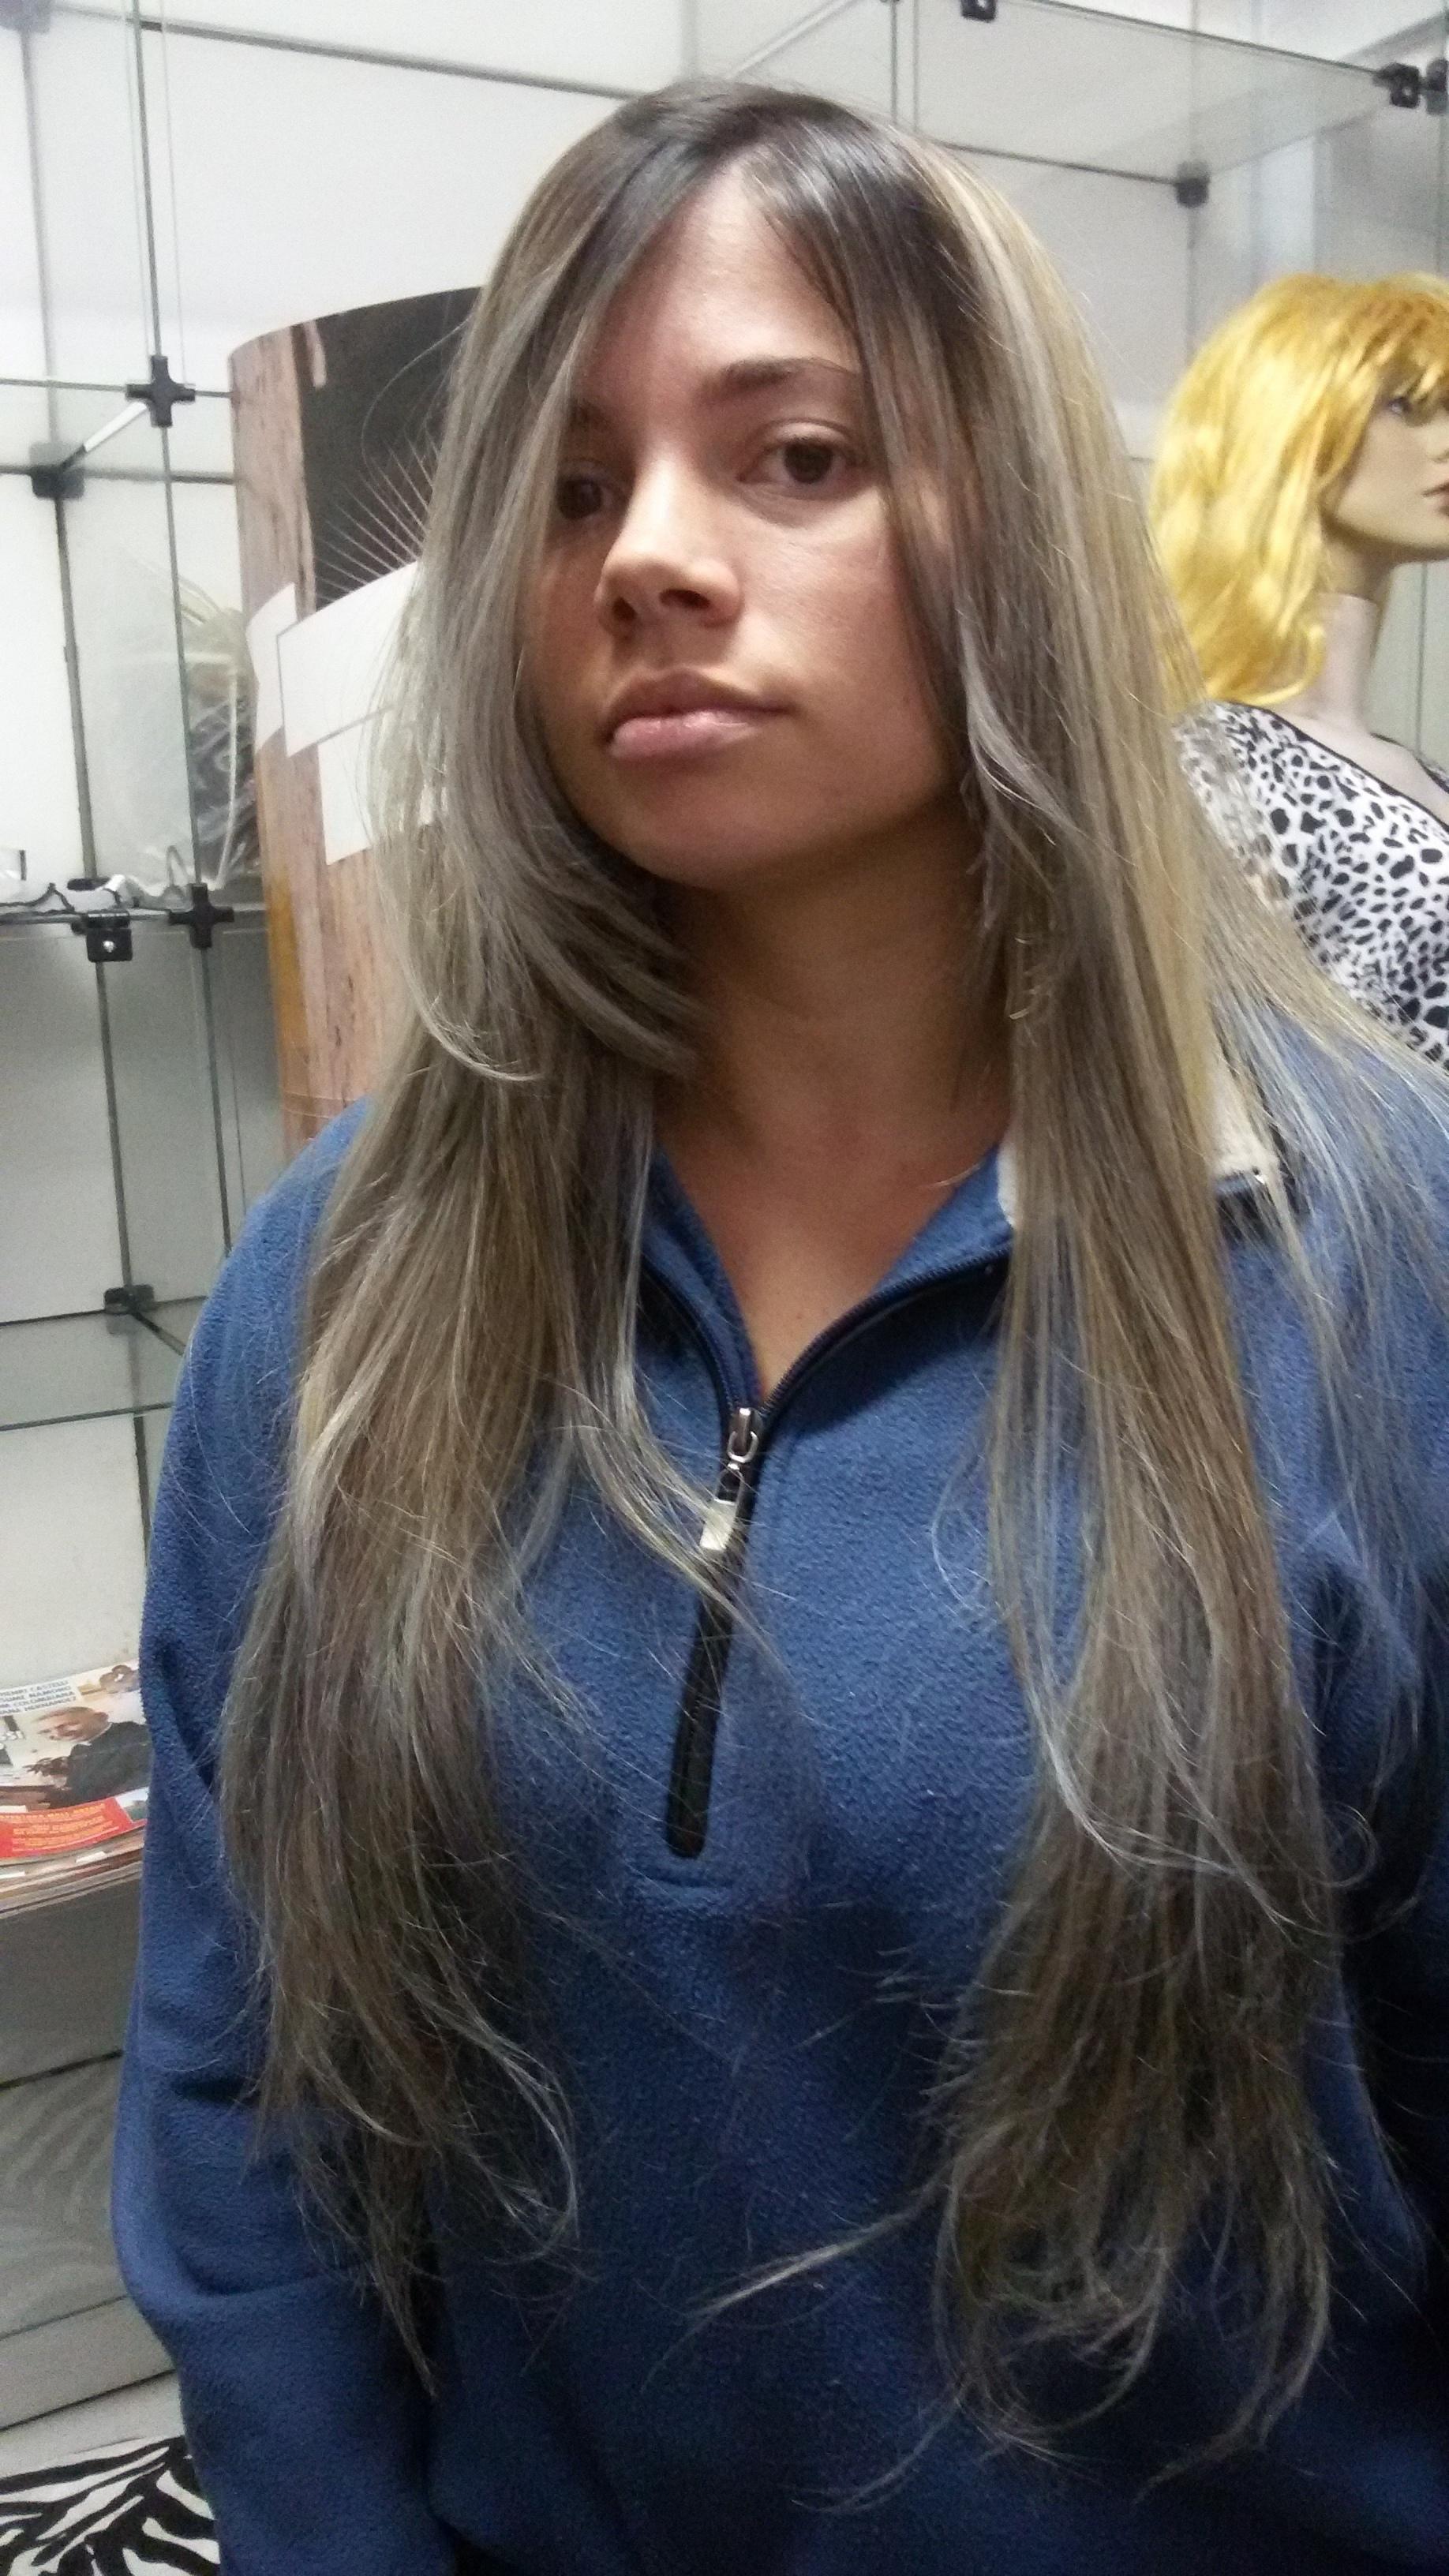 Hidratação com uma leve matizada  cabelo cabeleireiro(a)